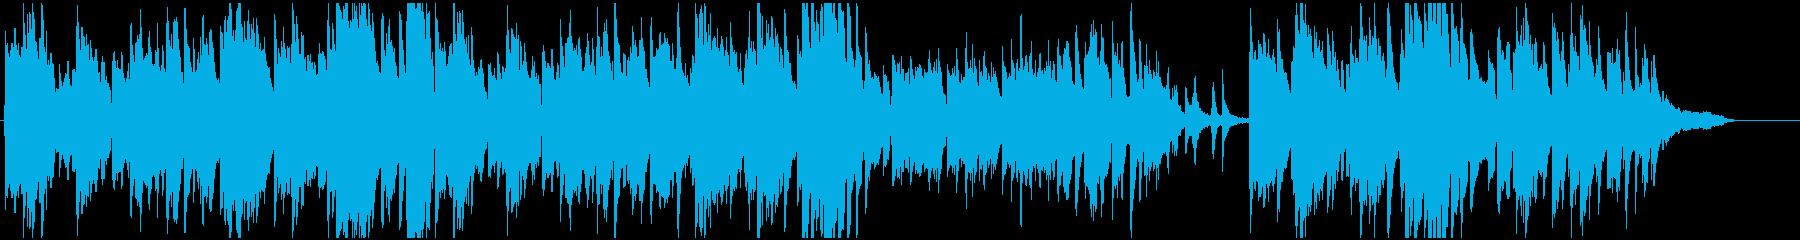 ピアノソロ、切ないの再生済みの波形